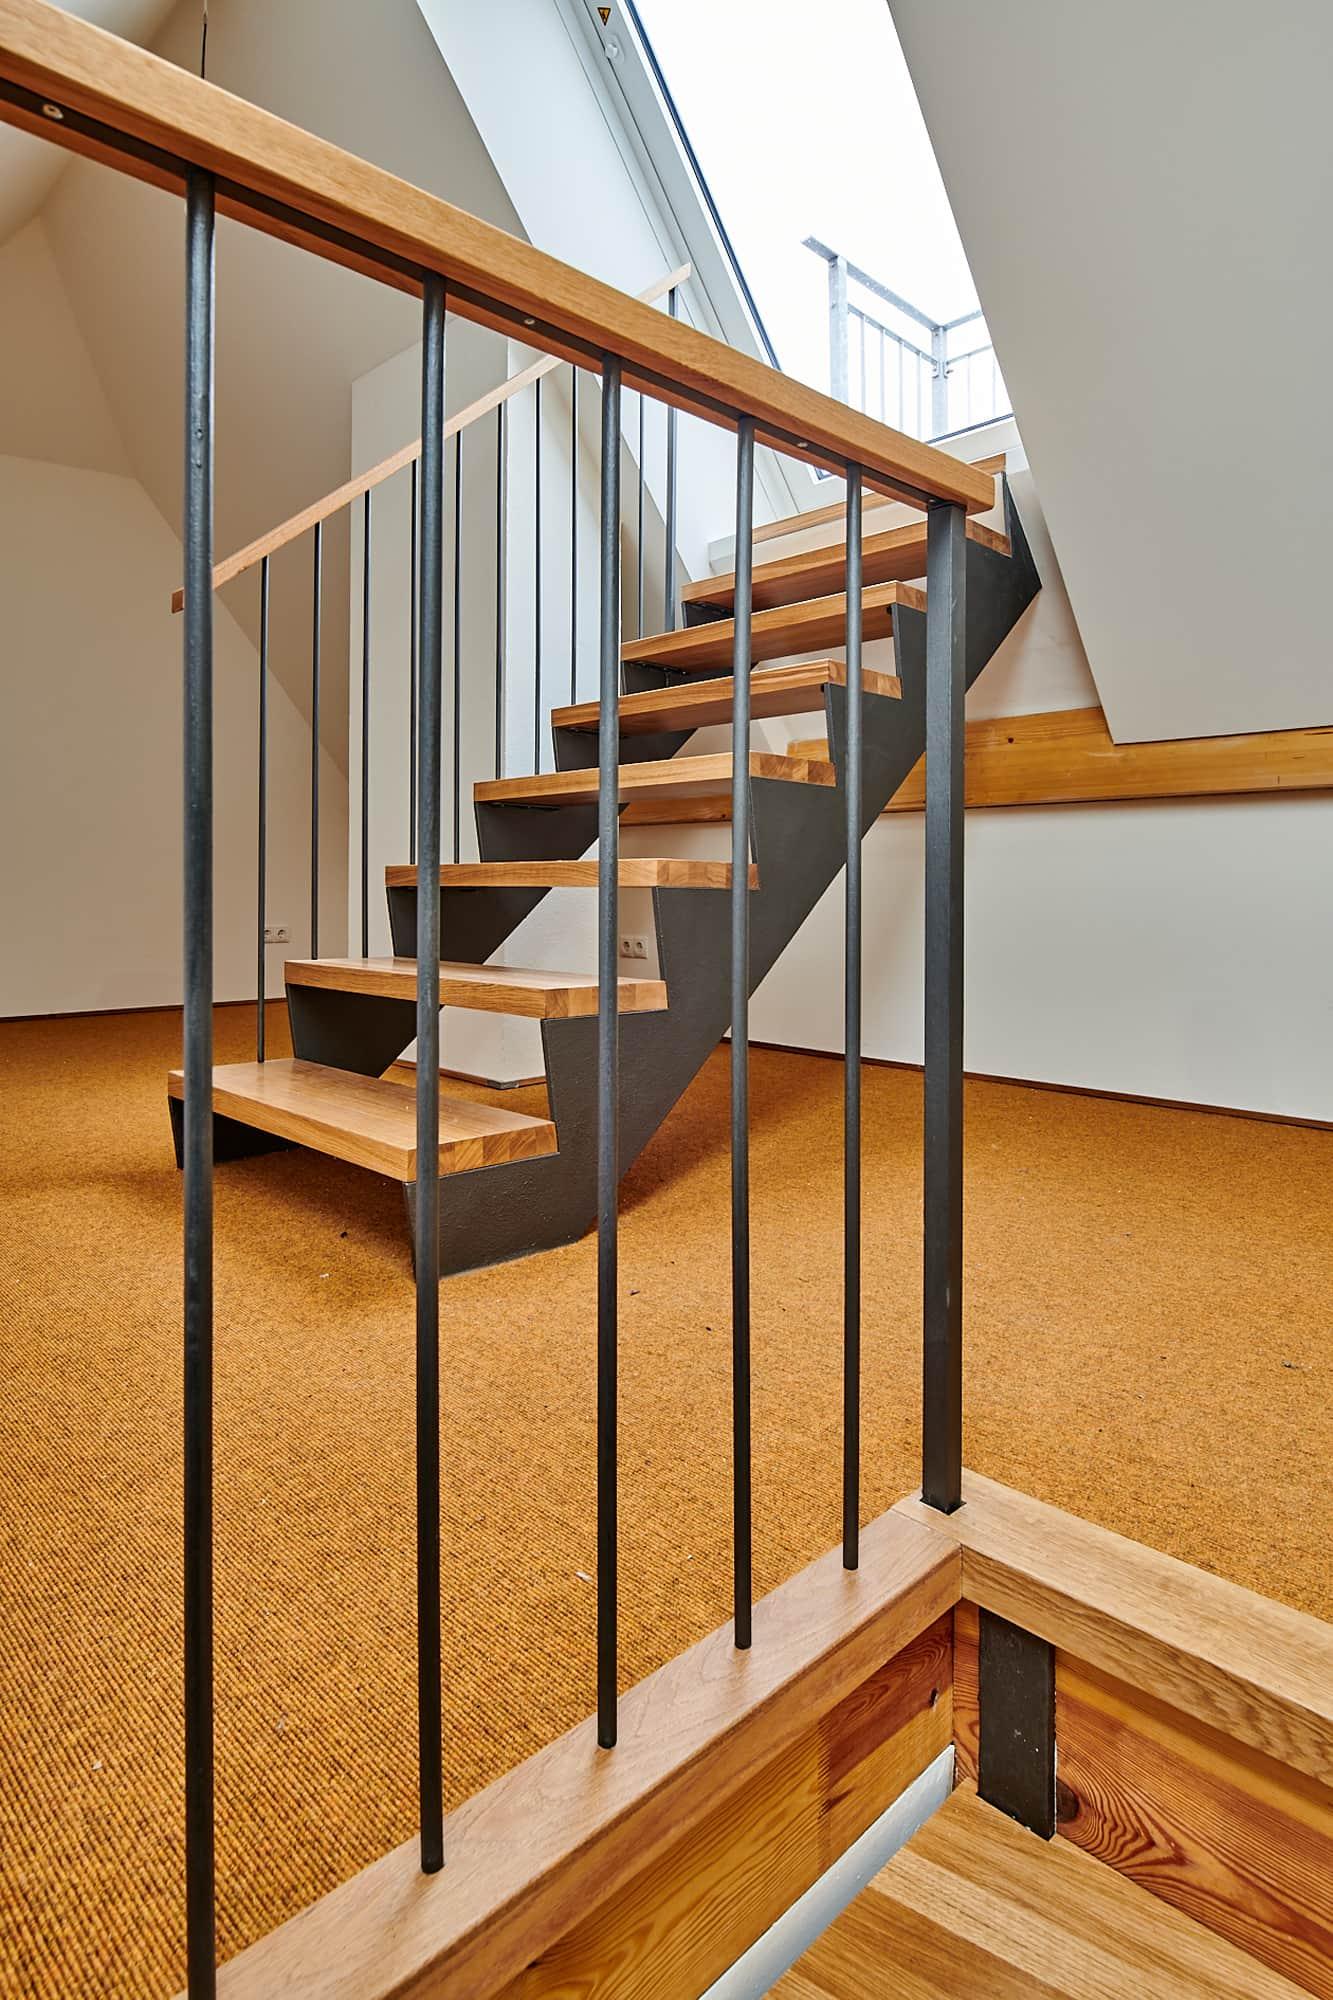 Gabriele Riesner, Architektin, Berlin, Dachgeschossausbau eines Mietshauses in Berlin-Steglitz, Treppe zur Dachterrasse